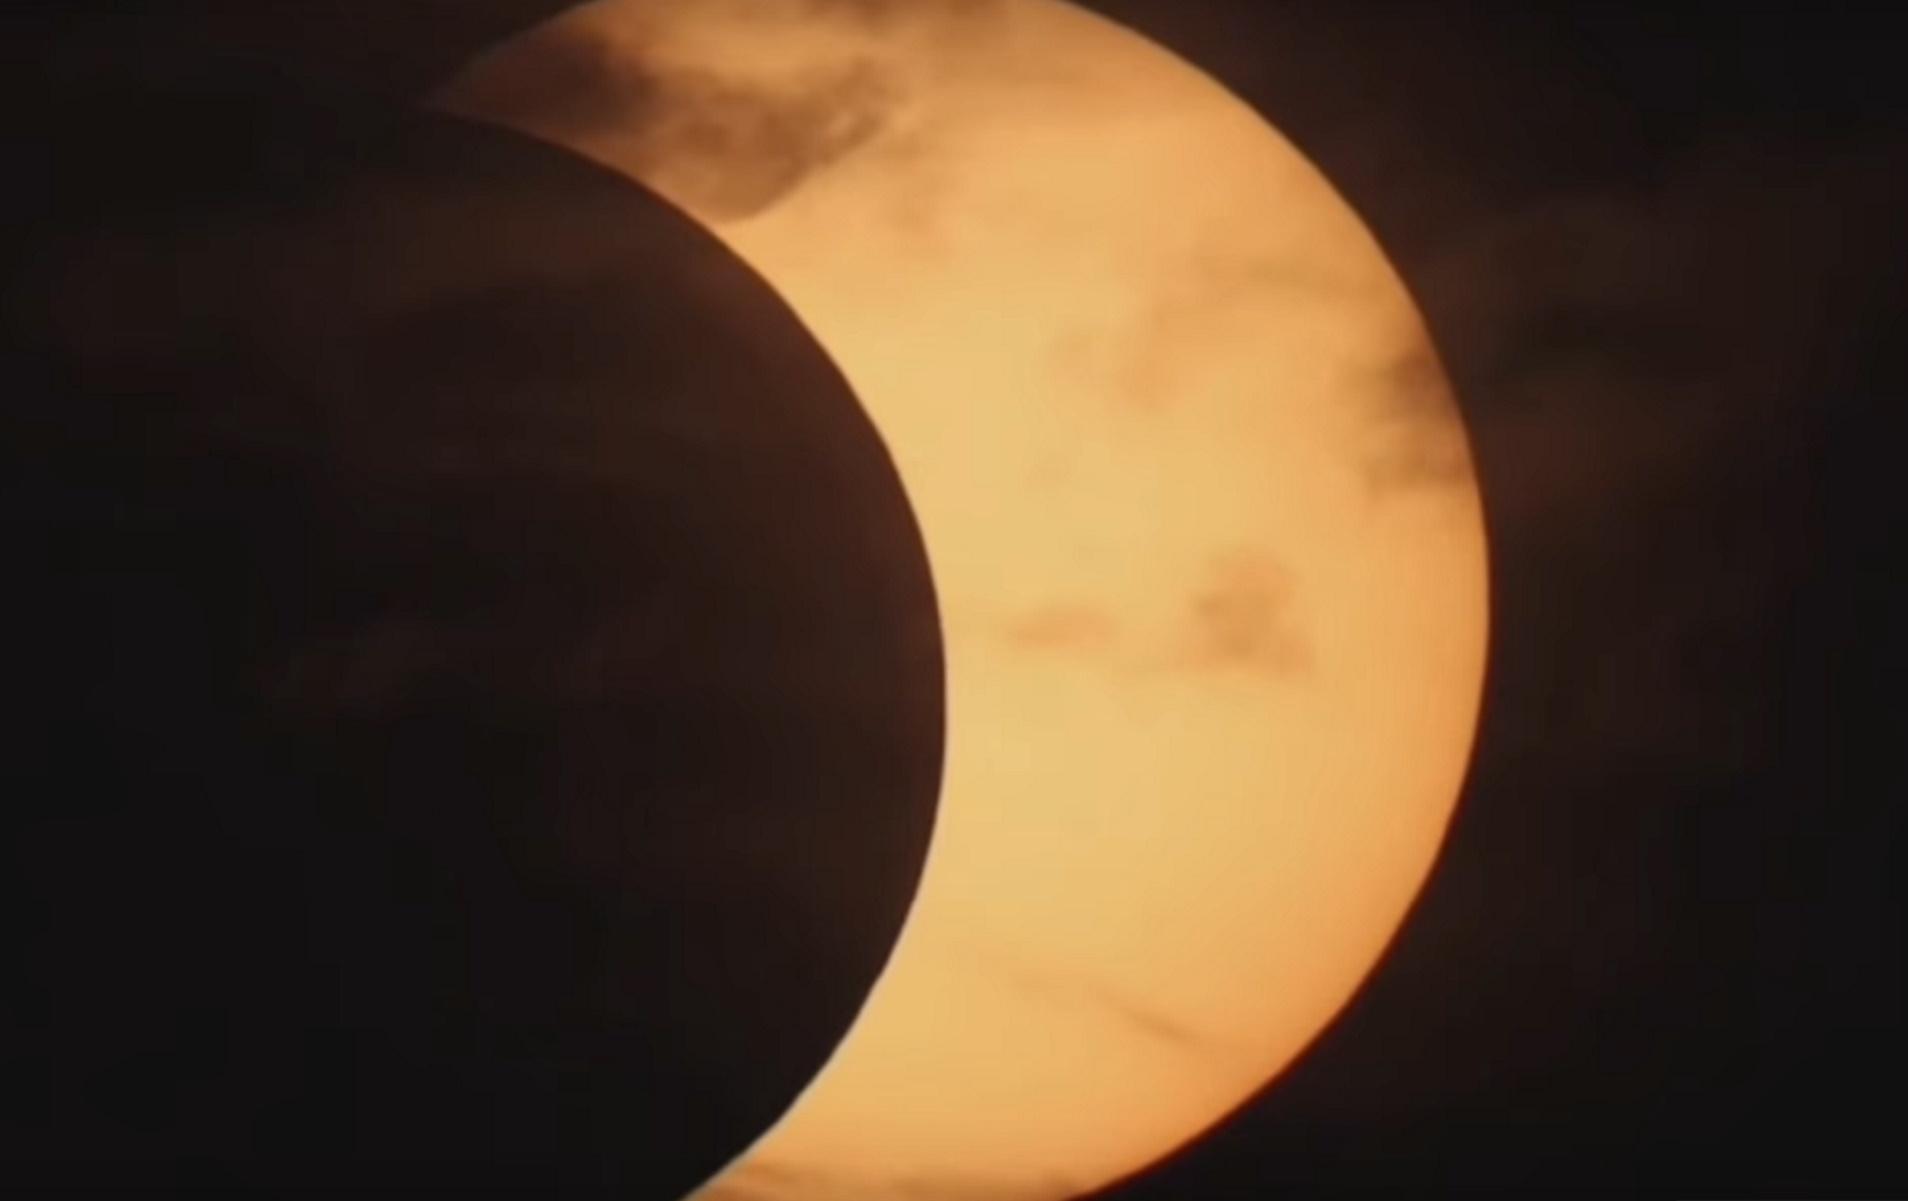 Εντυπωσιακή έκλειψη ηλίου – Δείτε πλάνα από το «δαχτυλίδι της φωτιάς»